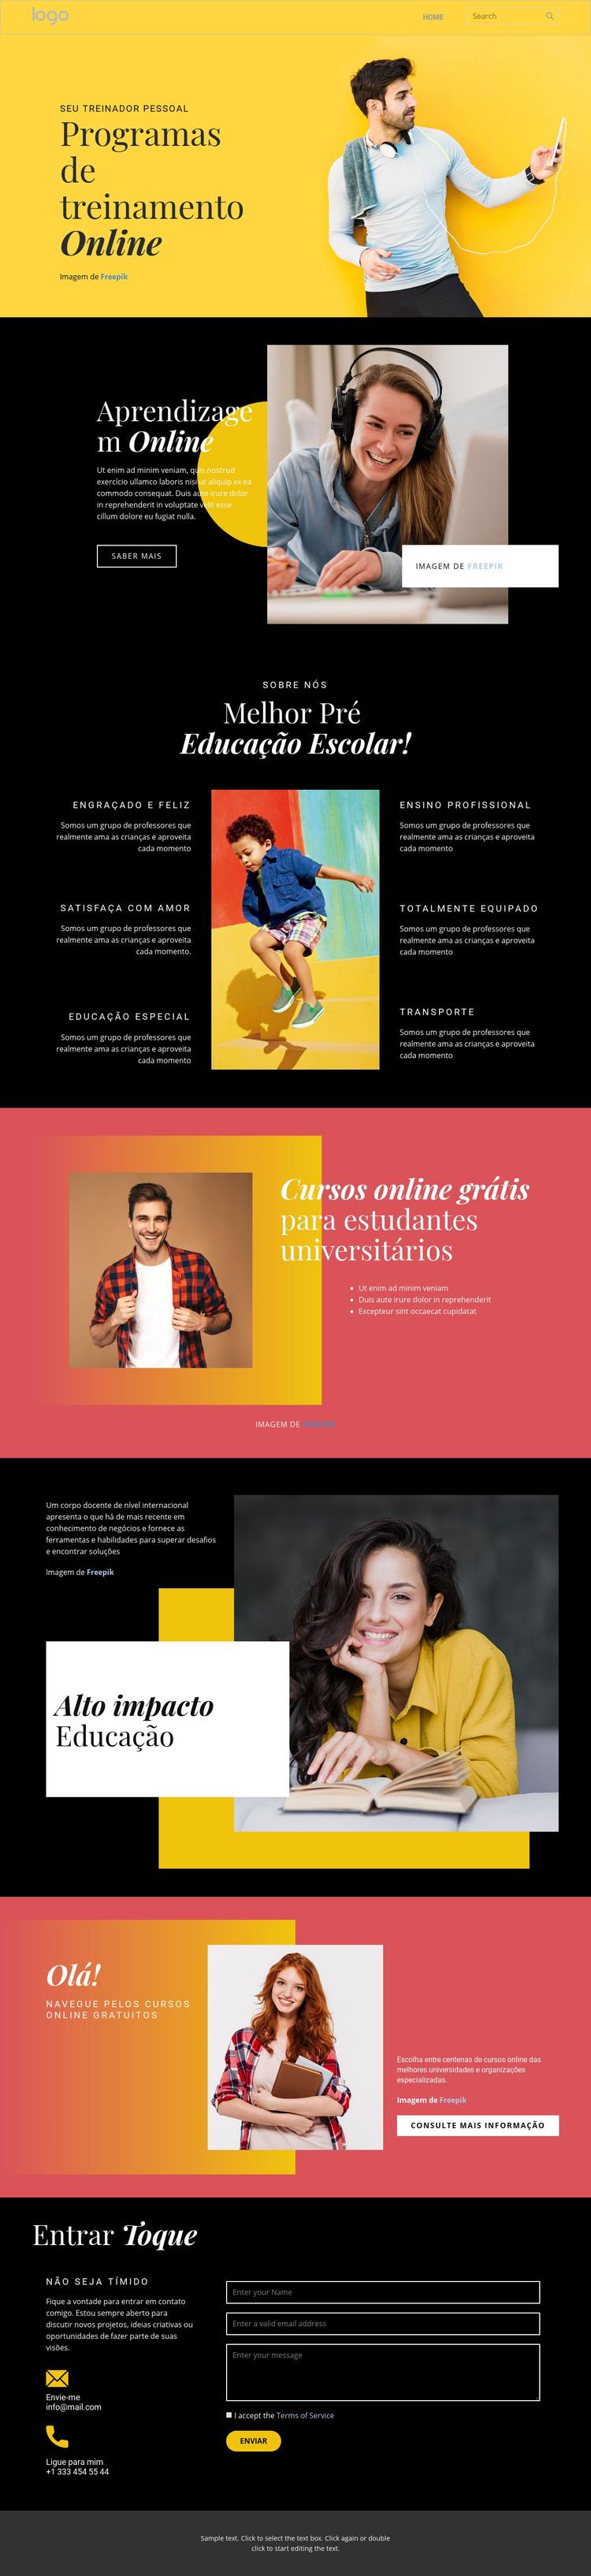 Boa educação online Modelo HTML